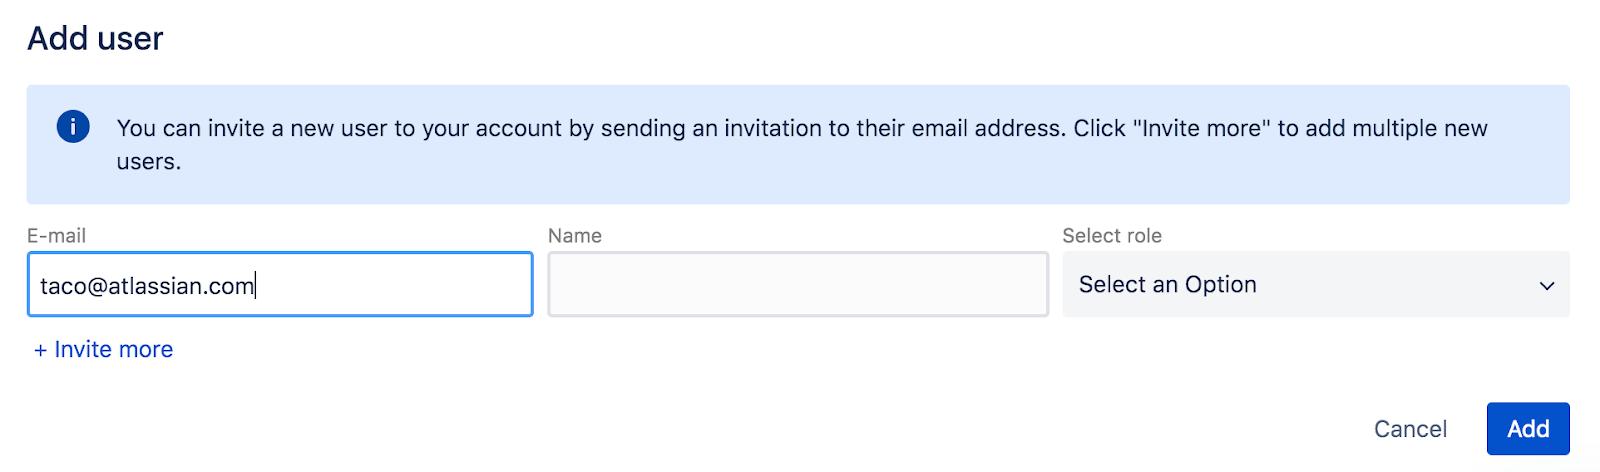 Снимок экрана, на котором подсвечена кнопка добавления пользователя